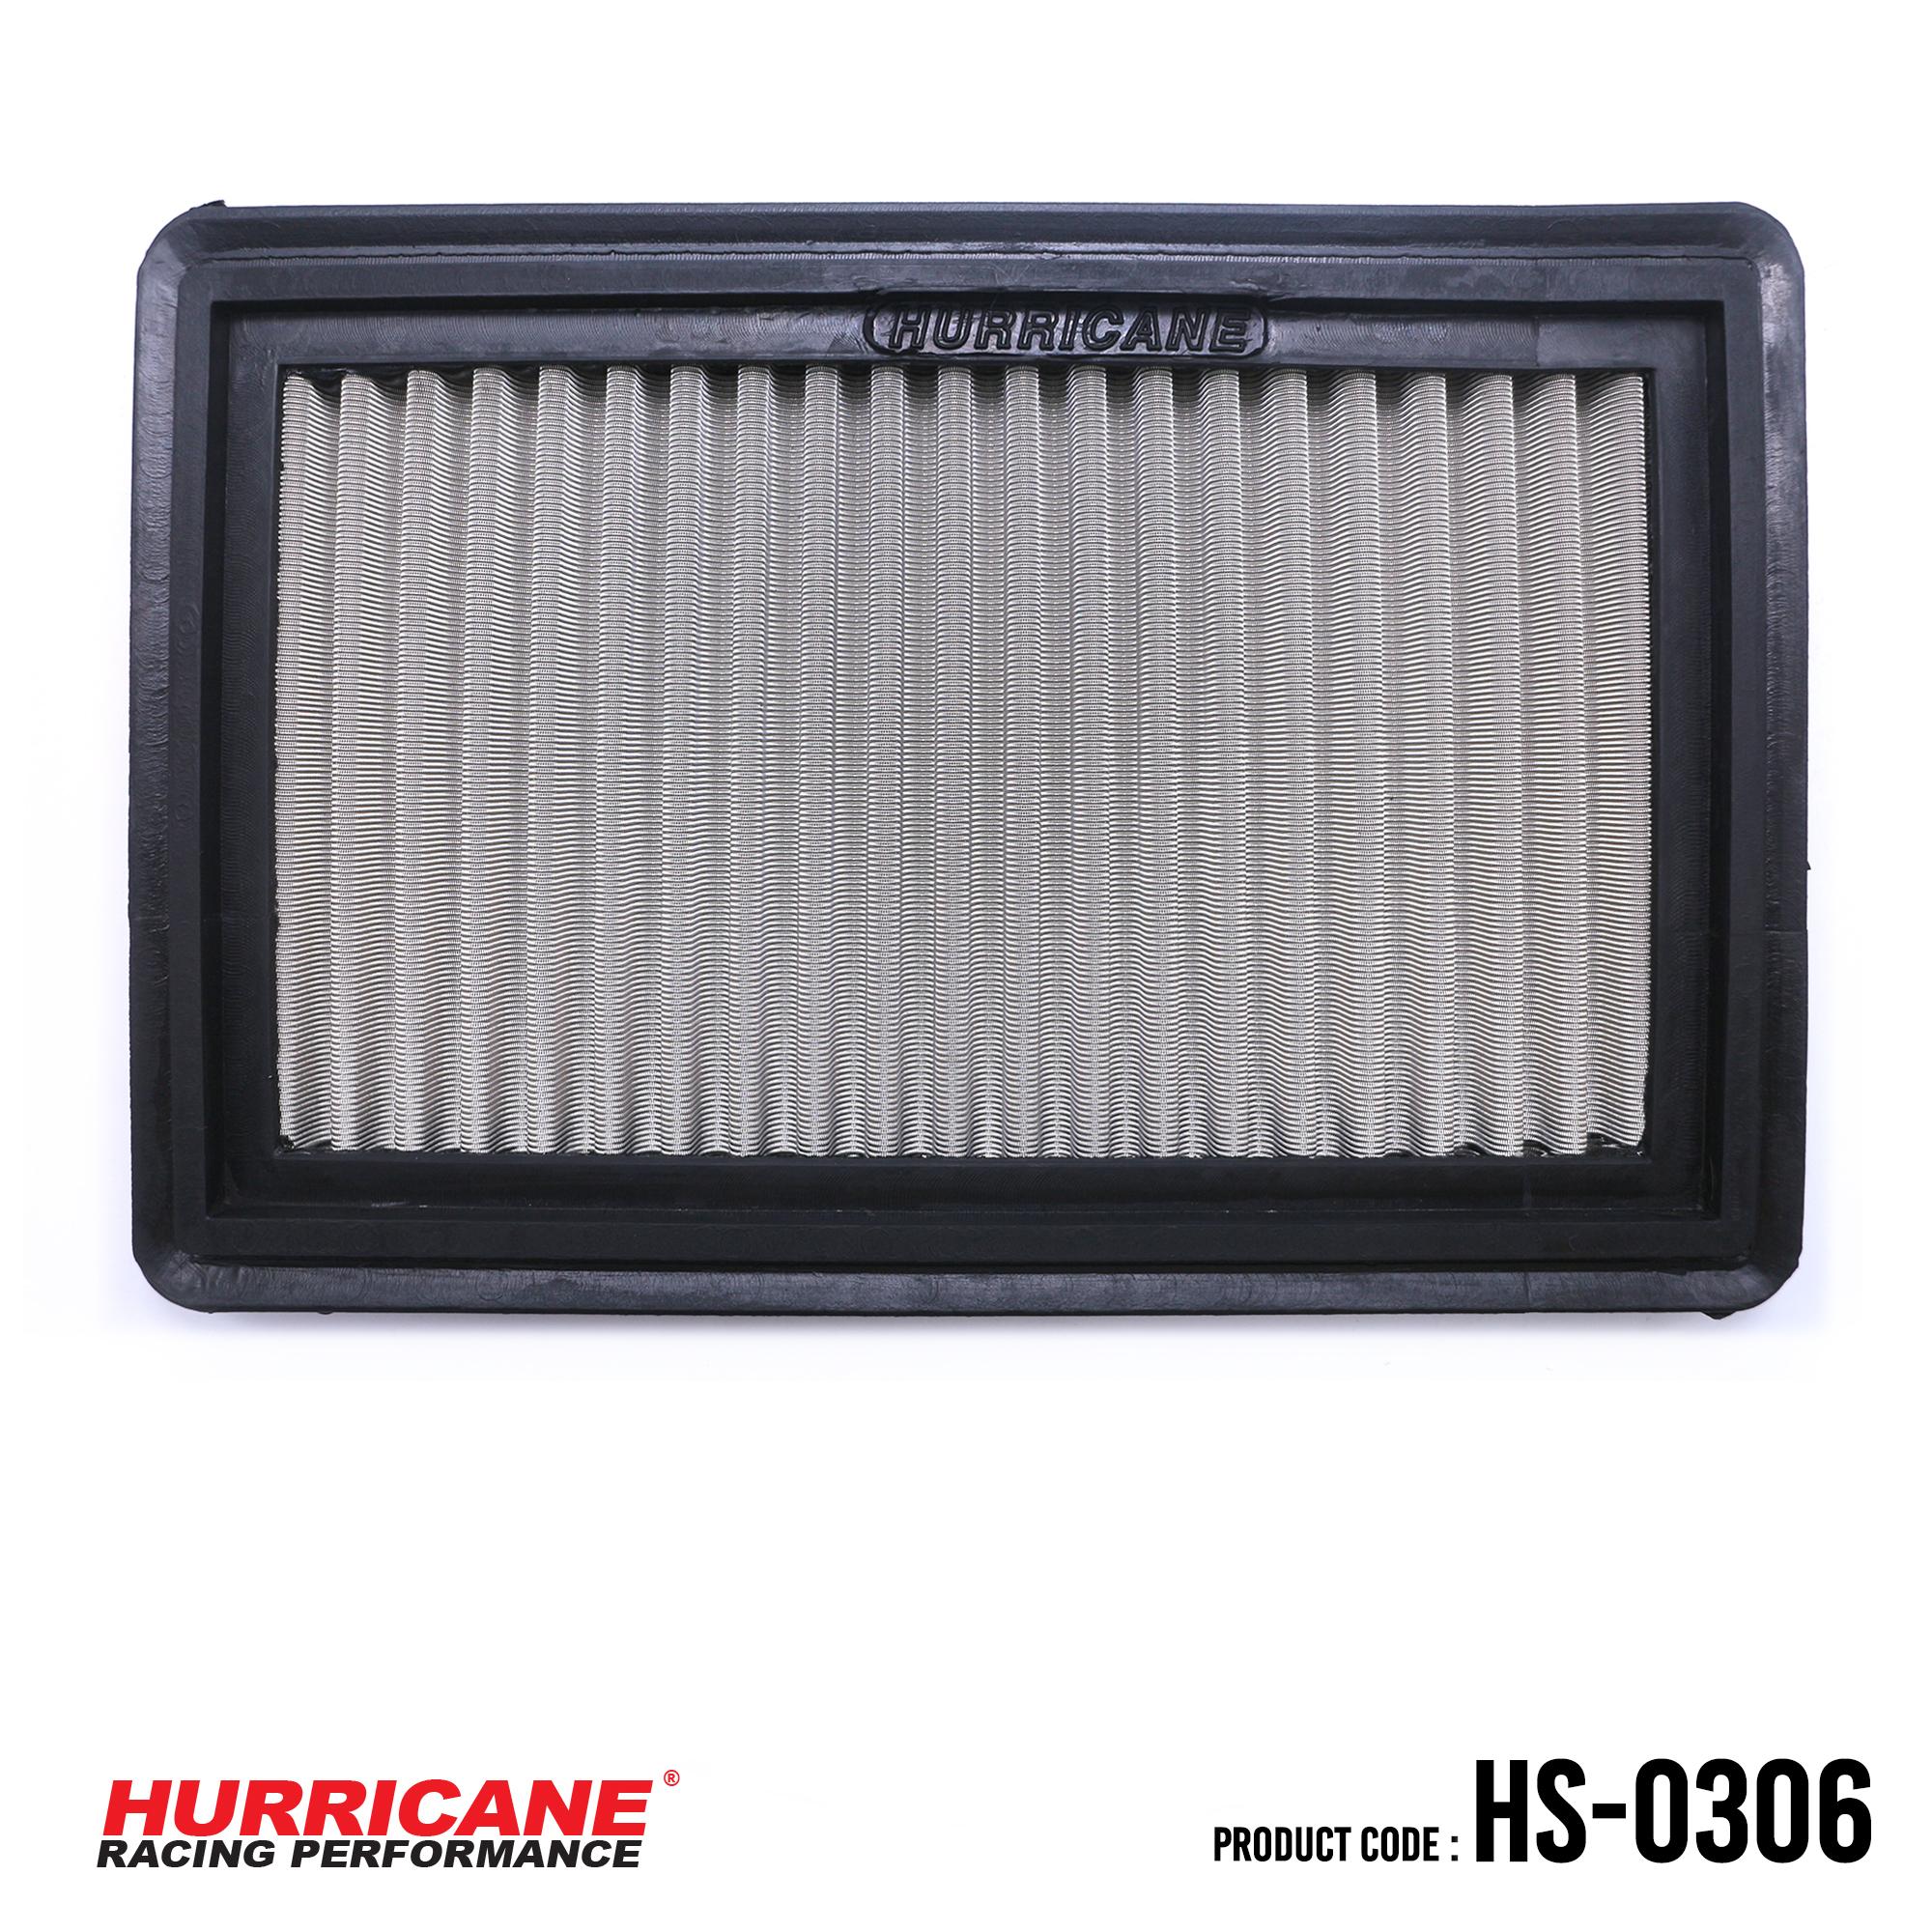 HURRICANE STAINLESS STEEL AIR FILTER FOR HS-0306 Honda